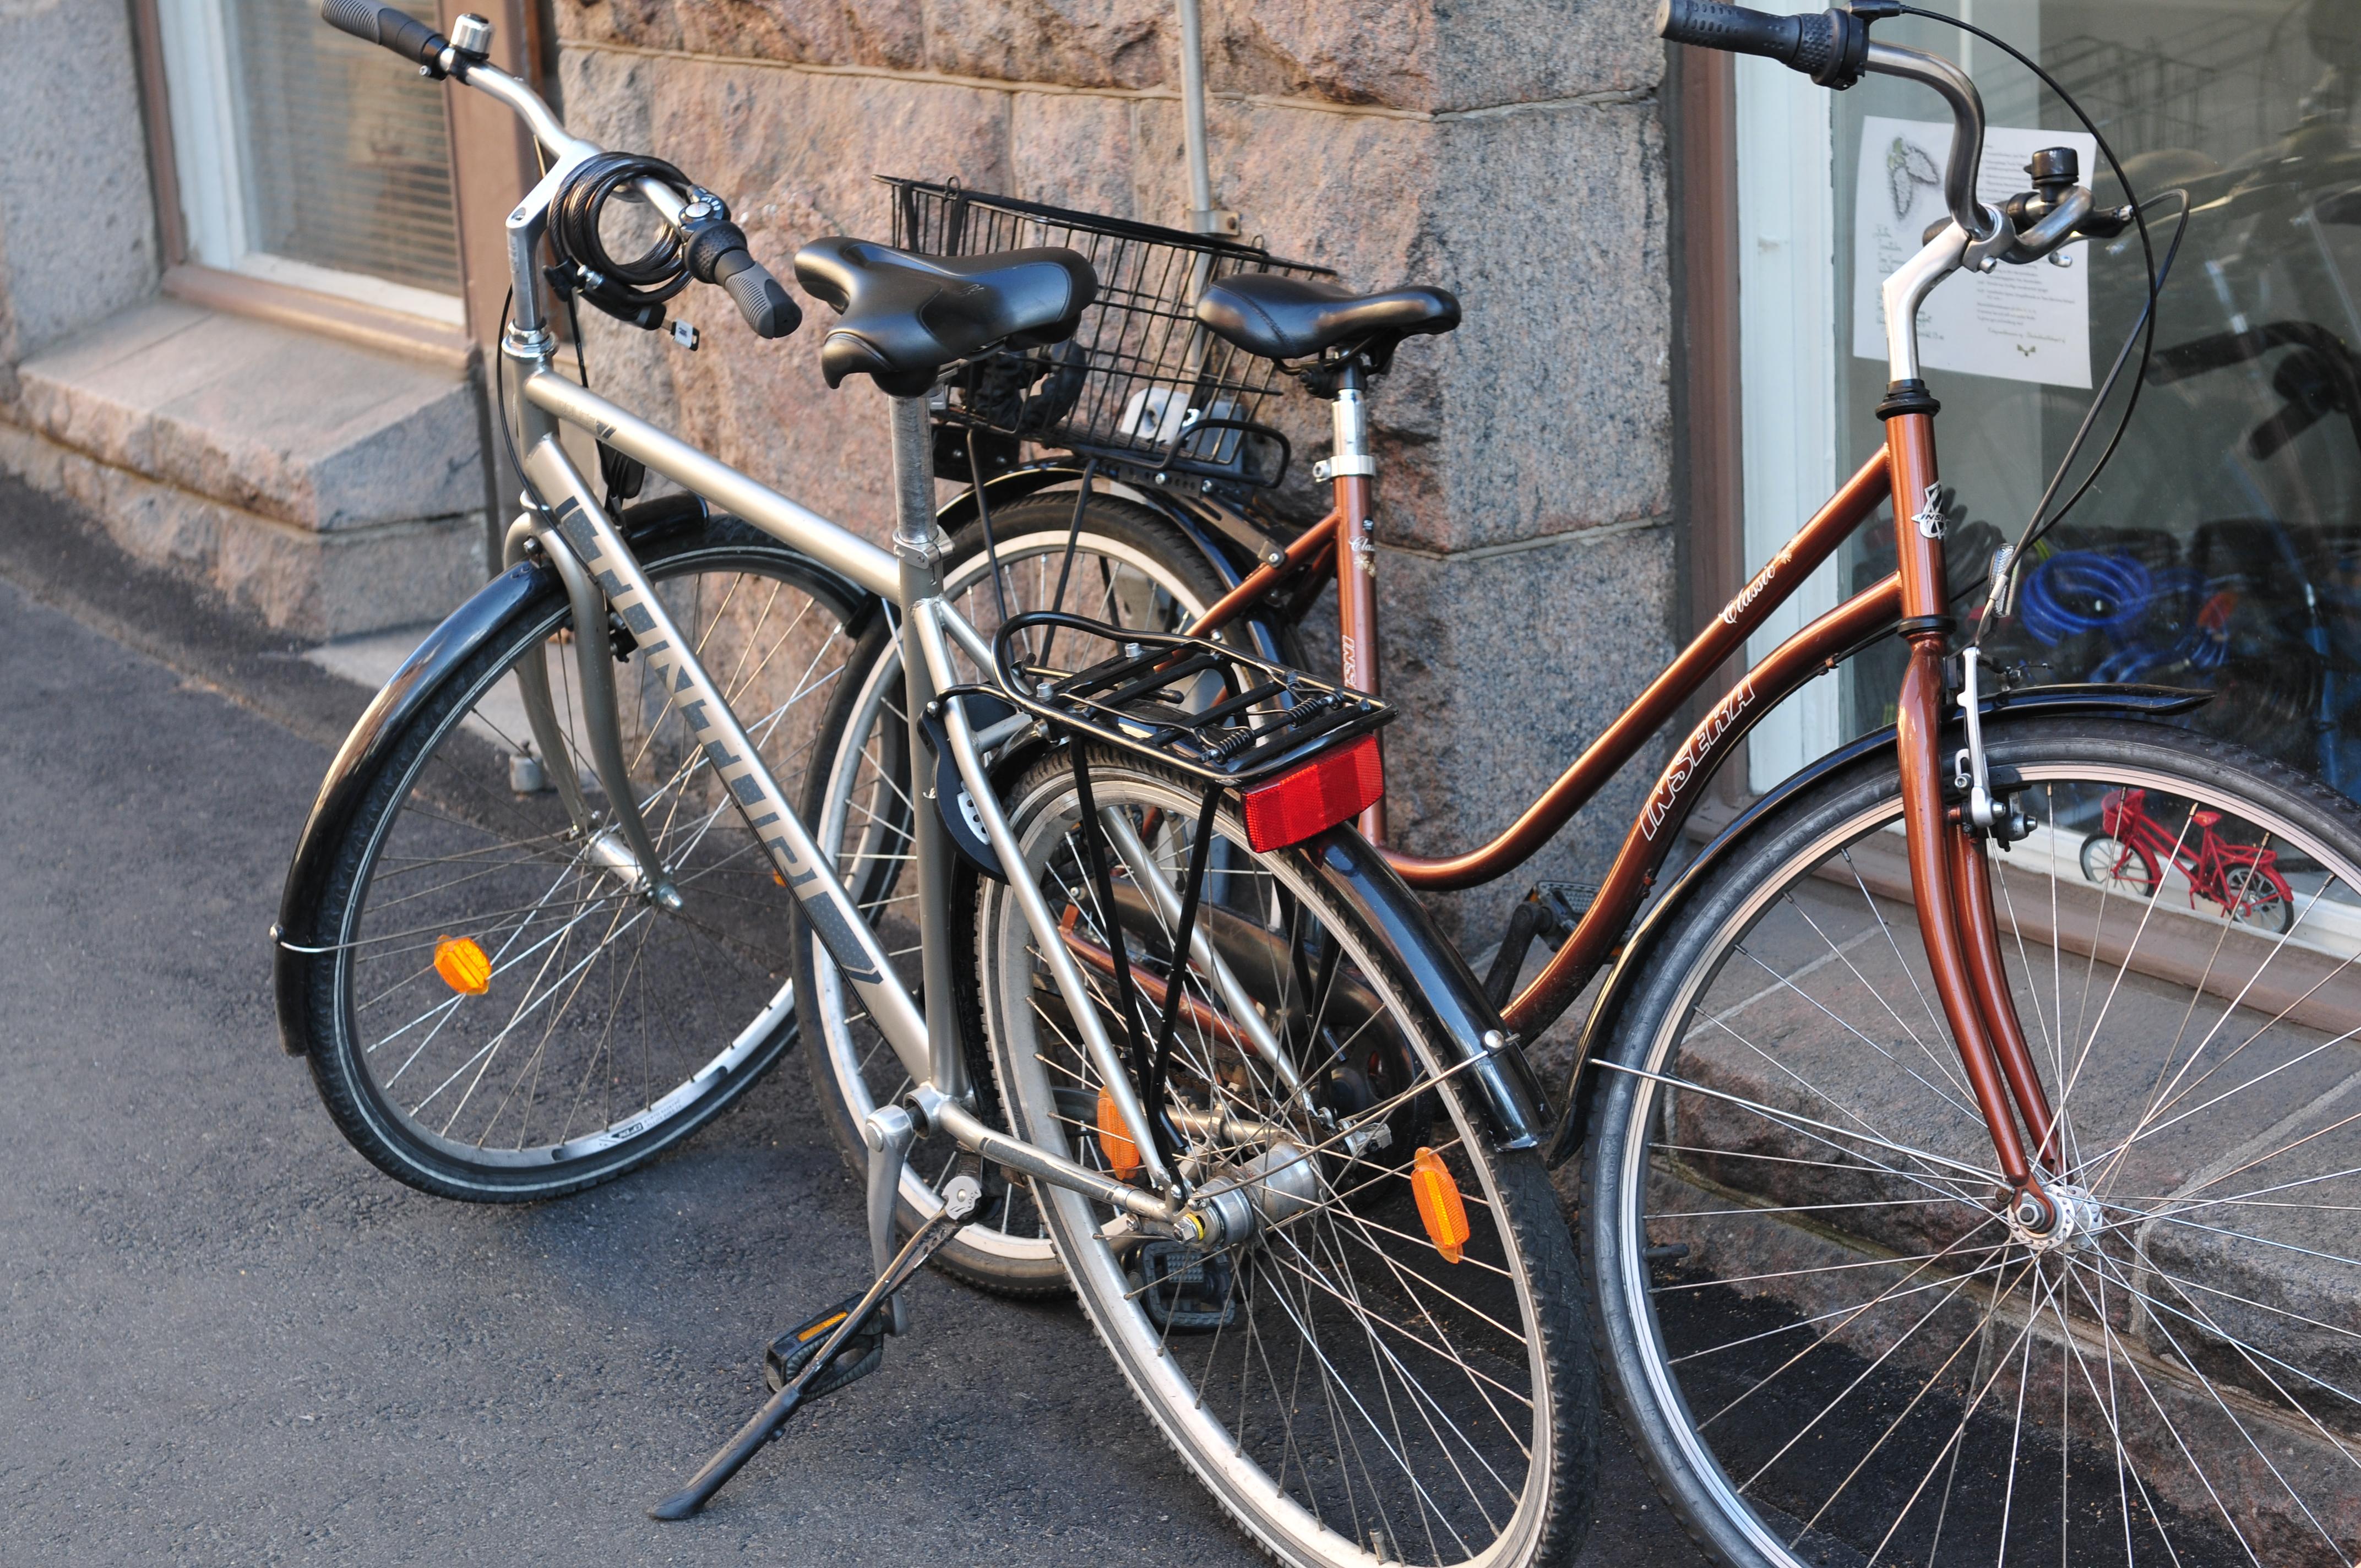 14-08-12-Helsinki-Fahrrad-Tunturi-RalfR-03.jpg